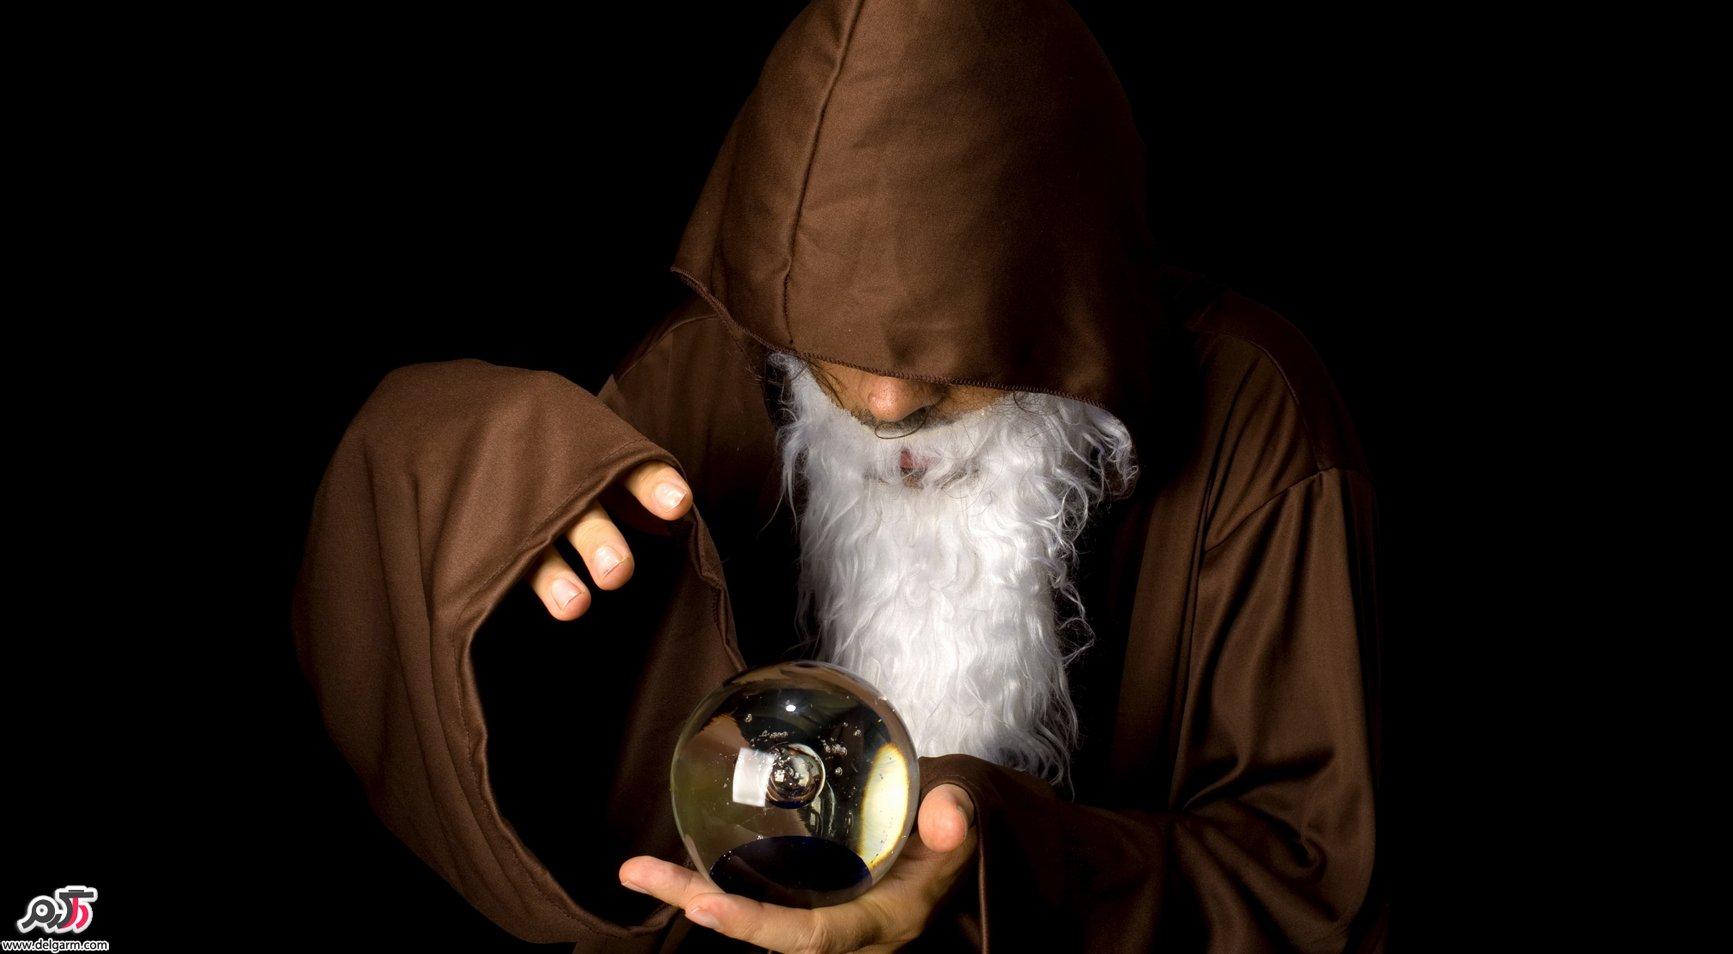 دعا برای باطل کردن سحر و جادو (قوی ترین باطل کننده سحر)